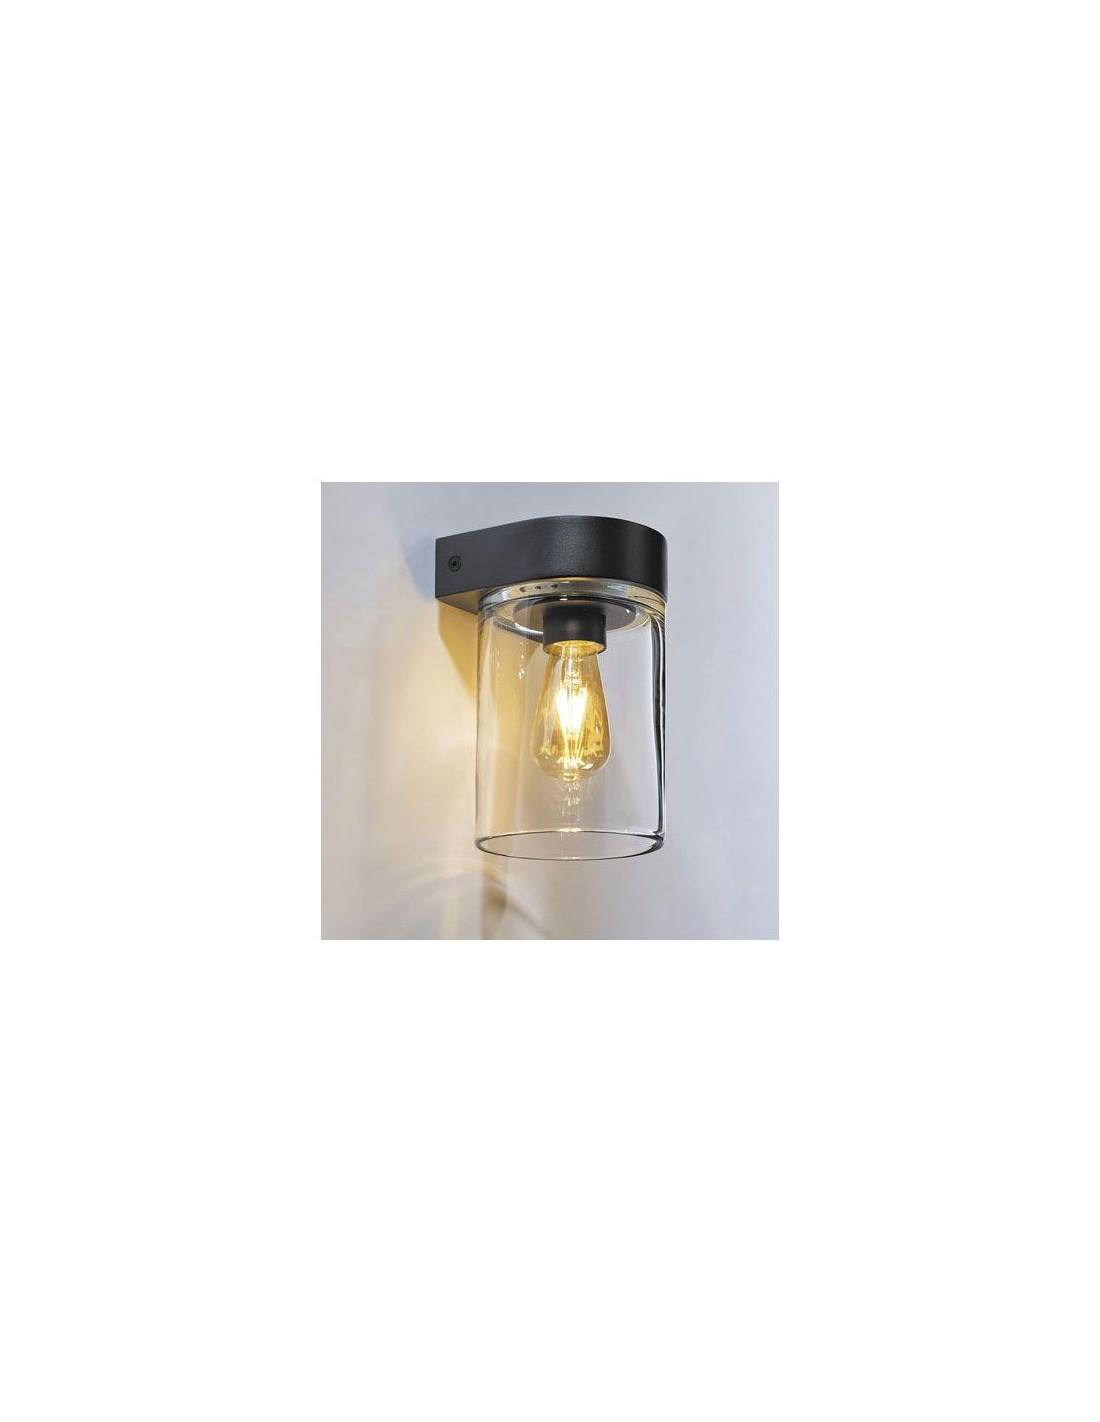 applique tesla support en aluminium noir et d 39 une cloche de verre transparent luminaire royal. Black Bedroom Furniture Sets. Home Design Ideas